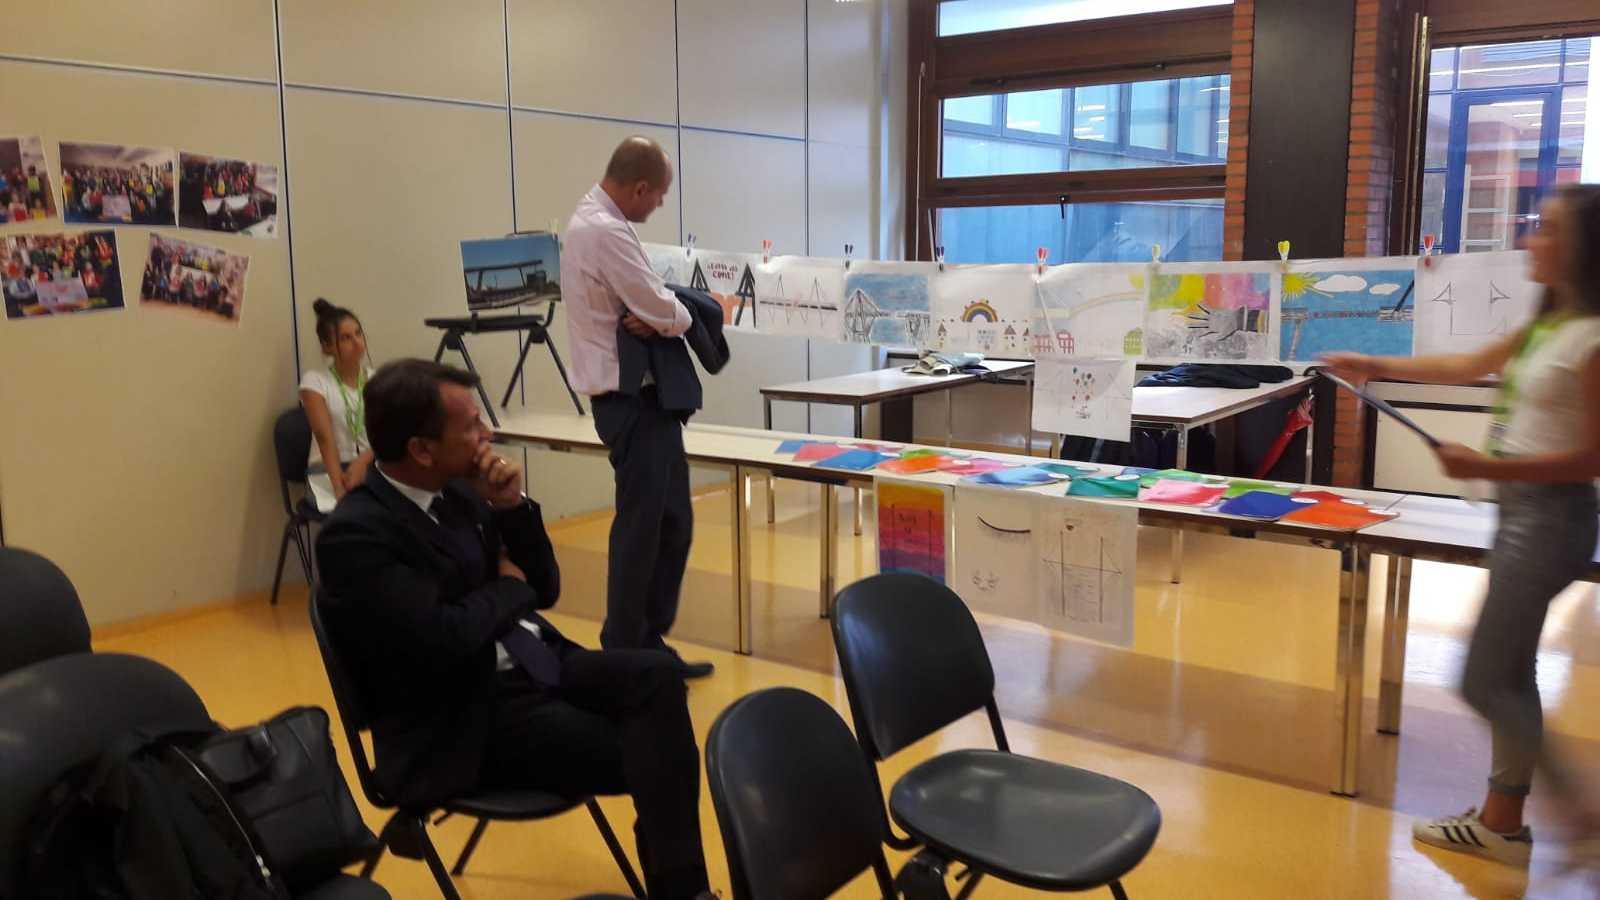 Presentazione-del-progetto-all'Intendente-scolastico